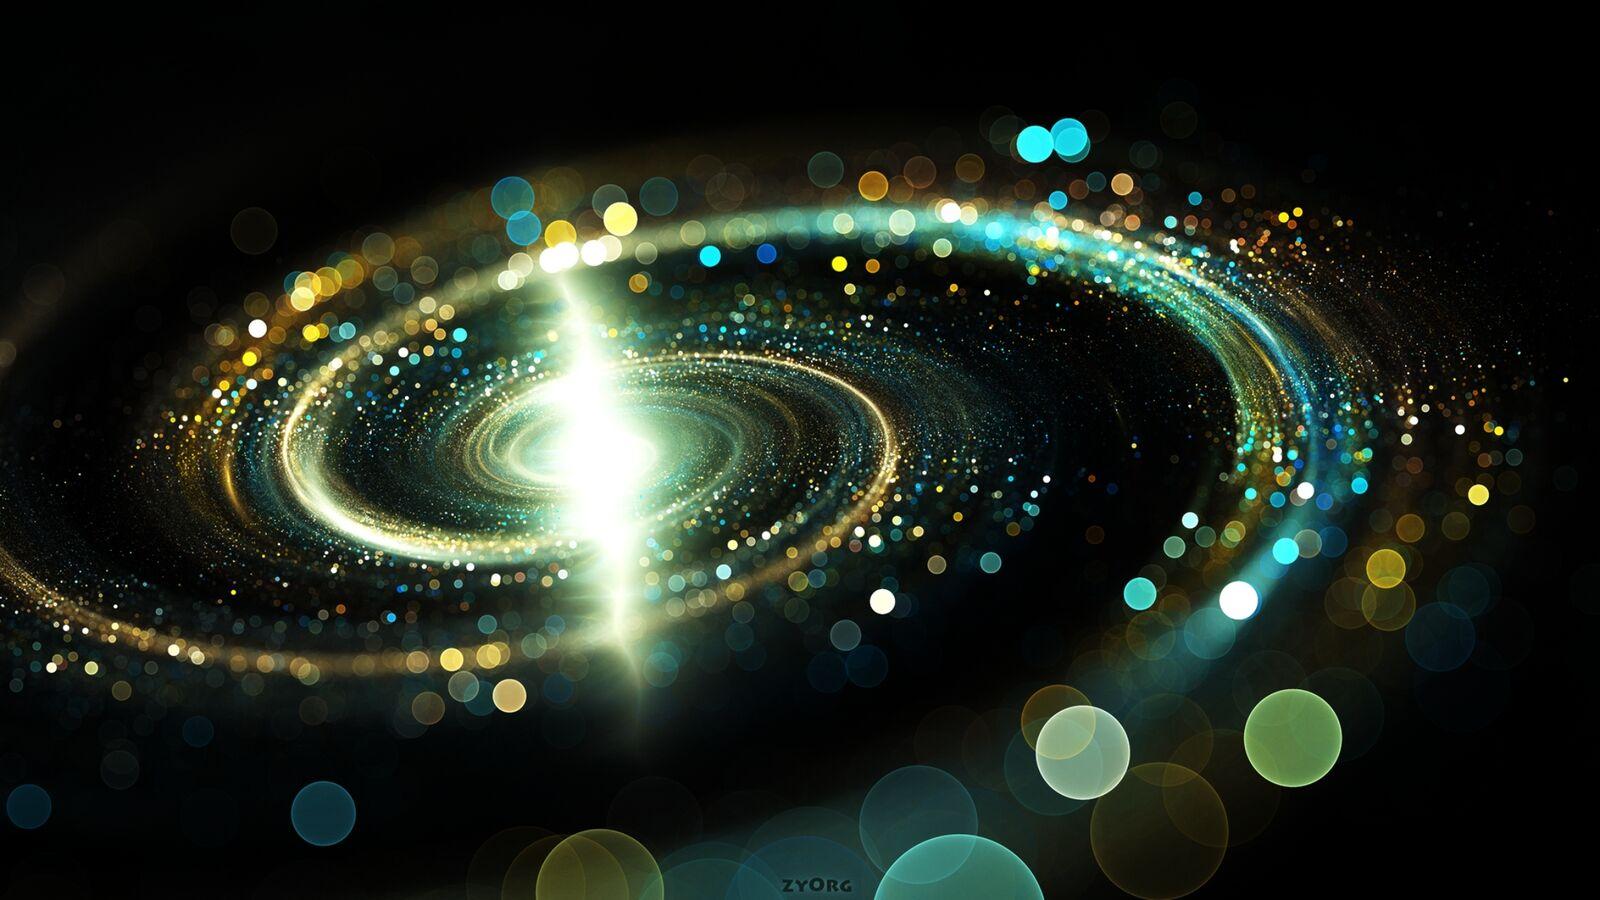 abstractgalaxy09_7